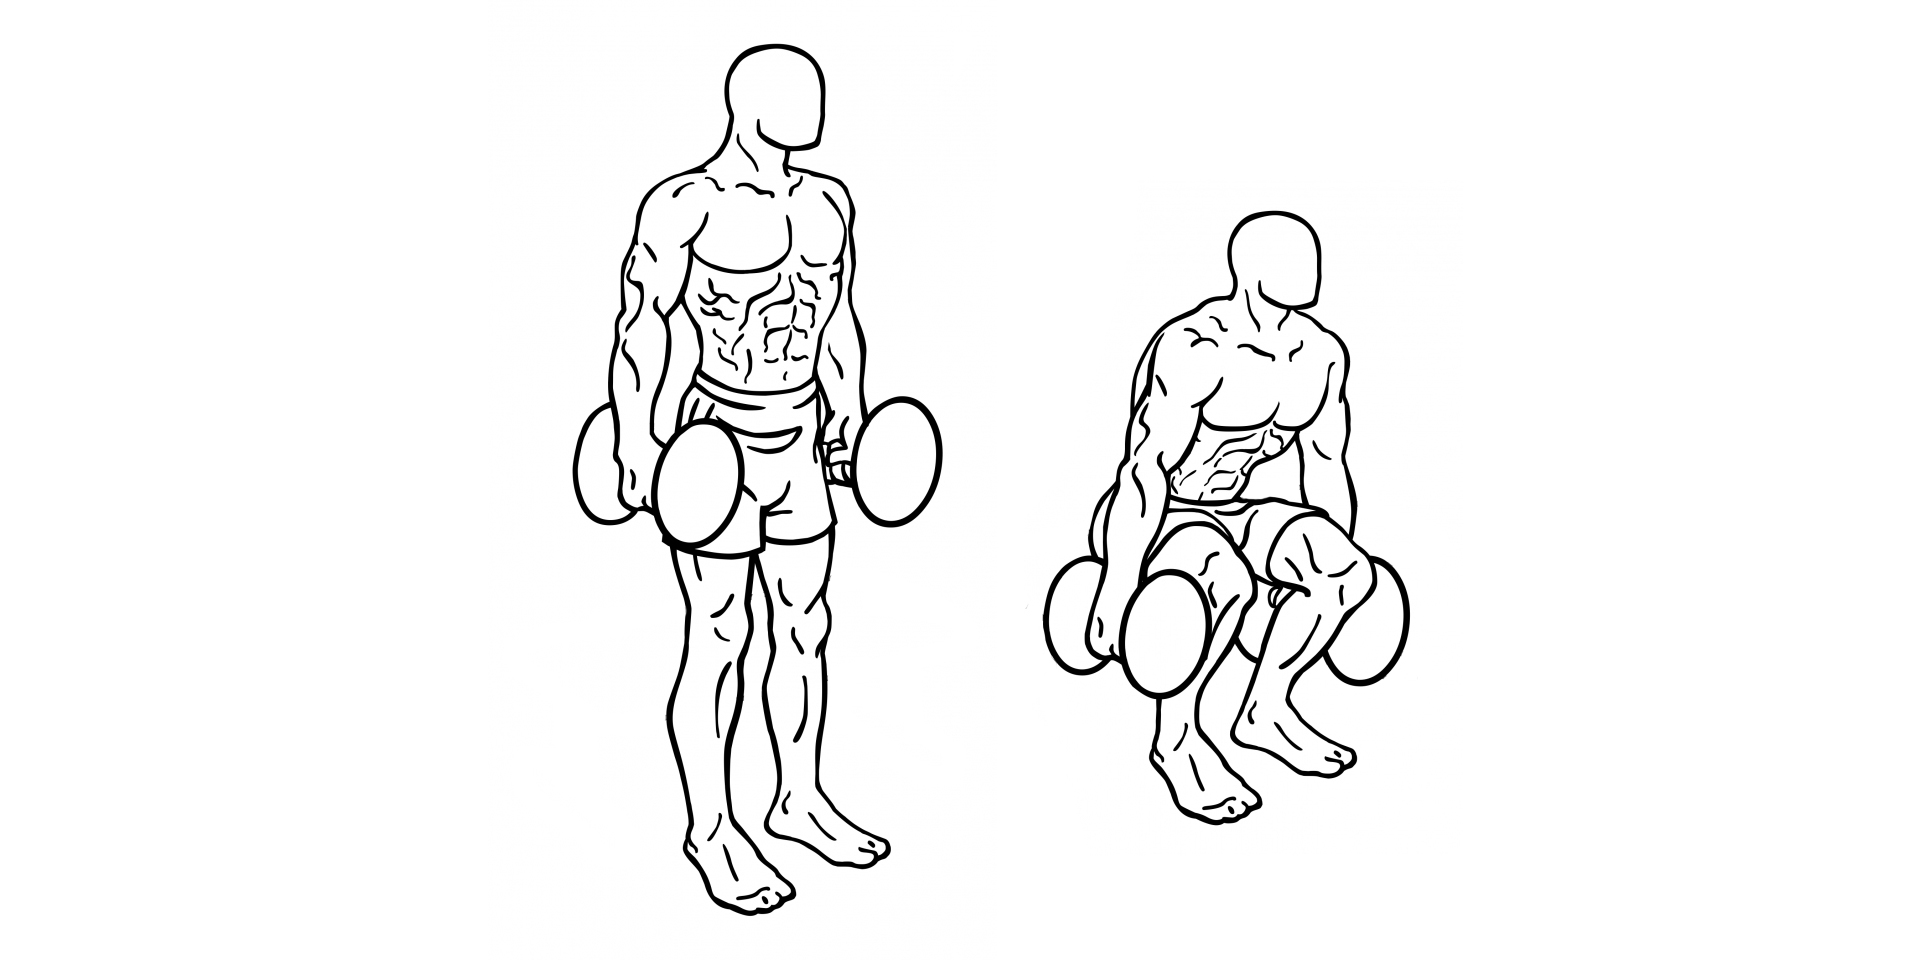 Außenrotation am Kabelzug - Übungsbeschreibung » bodyfit.tips